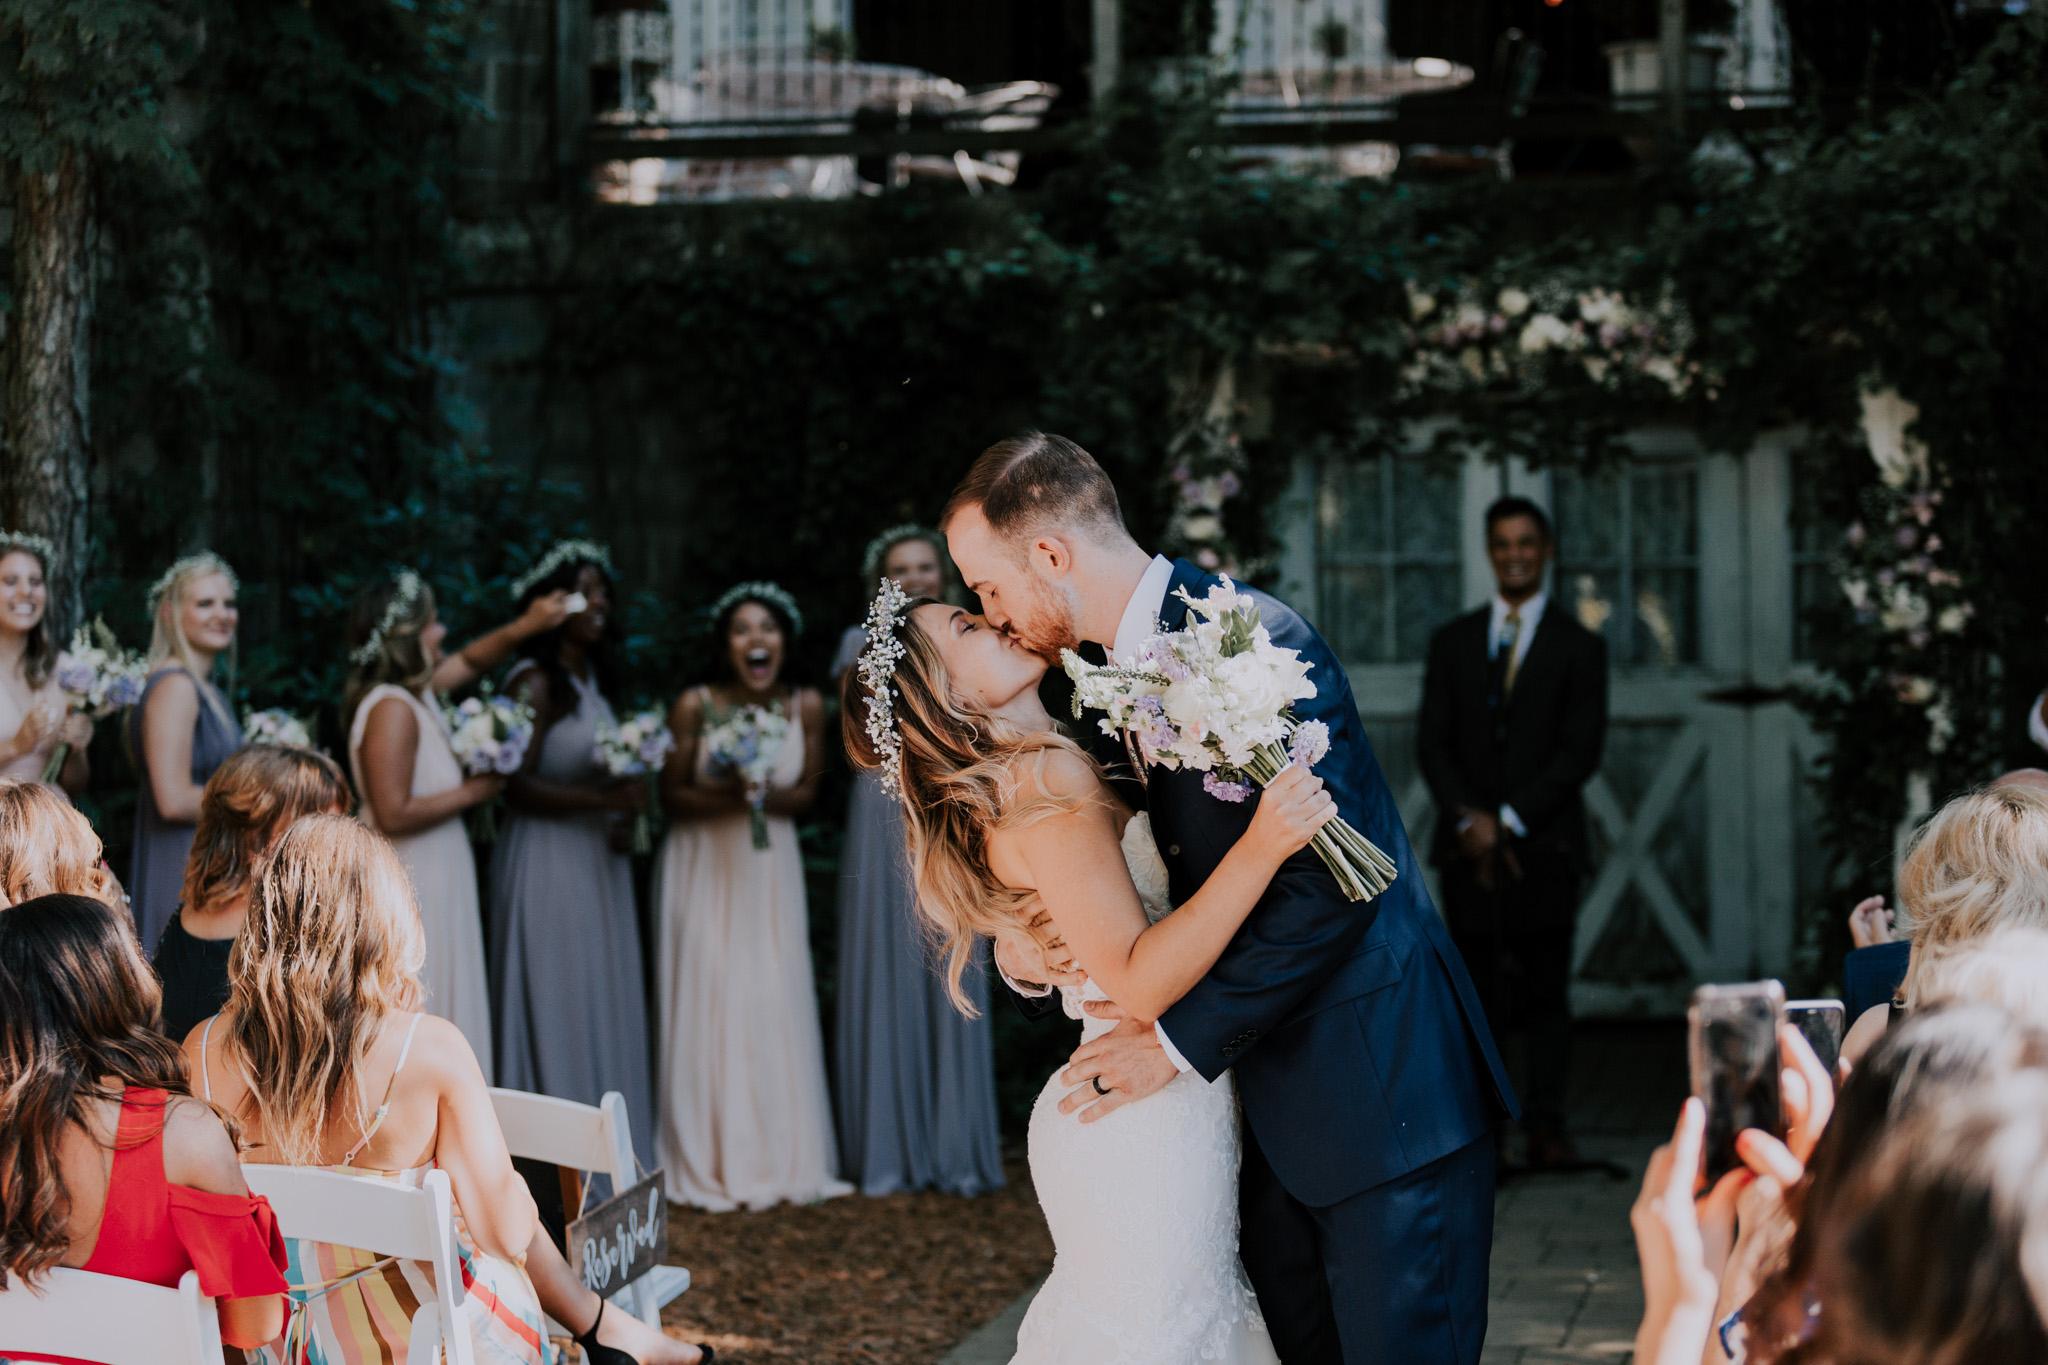 Blue-Dress-Barn-Michigan-Wedding-April-Seth-Vafa-Photo510.jpg